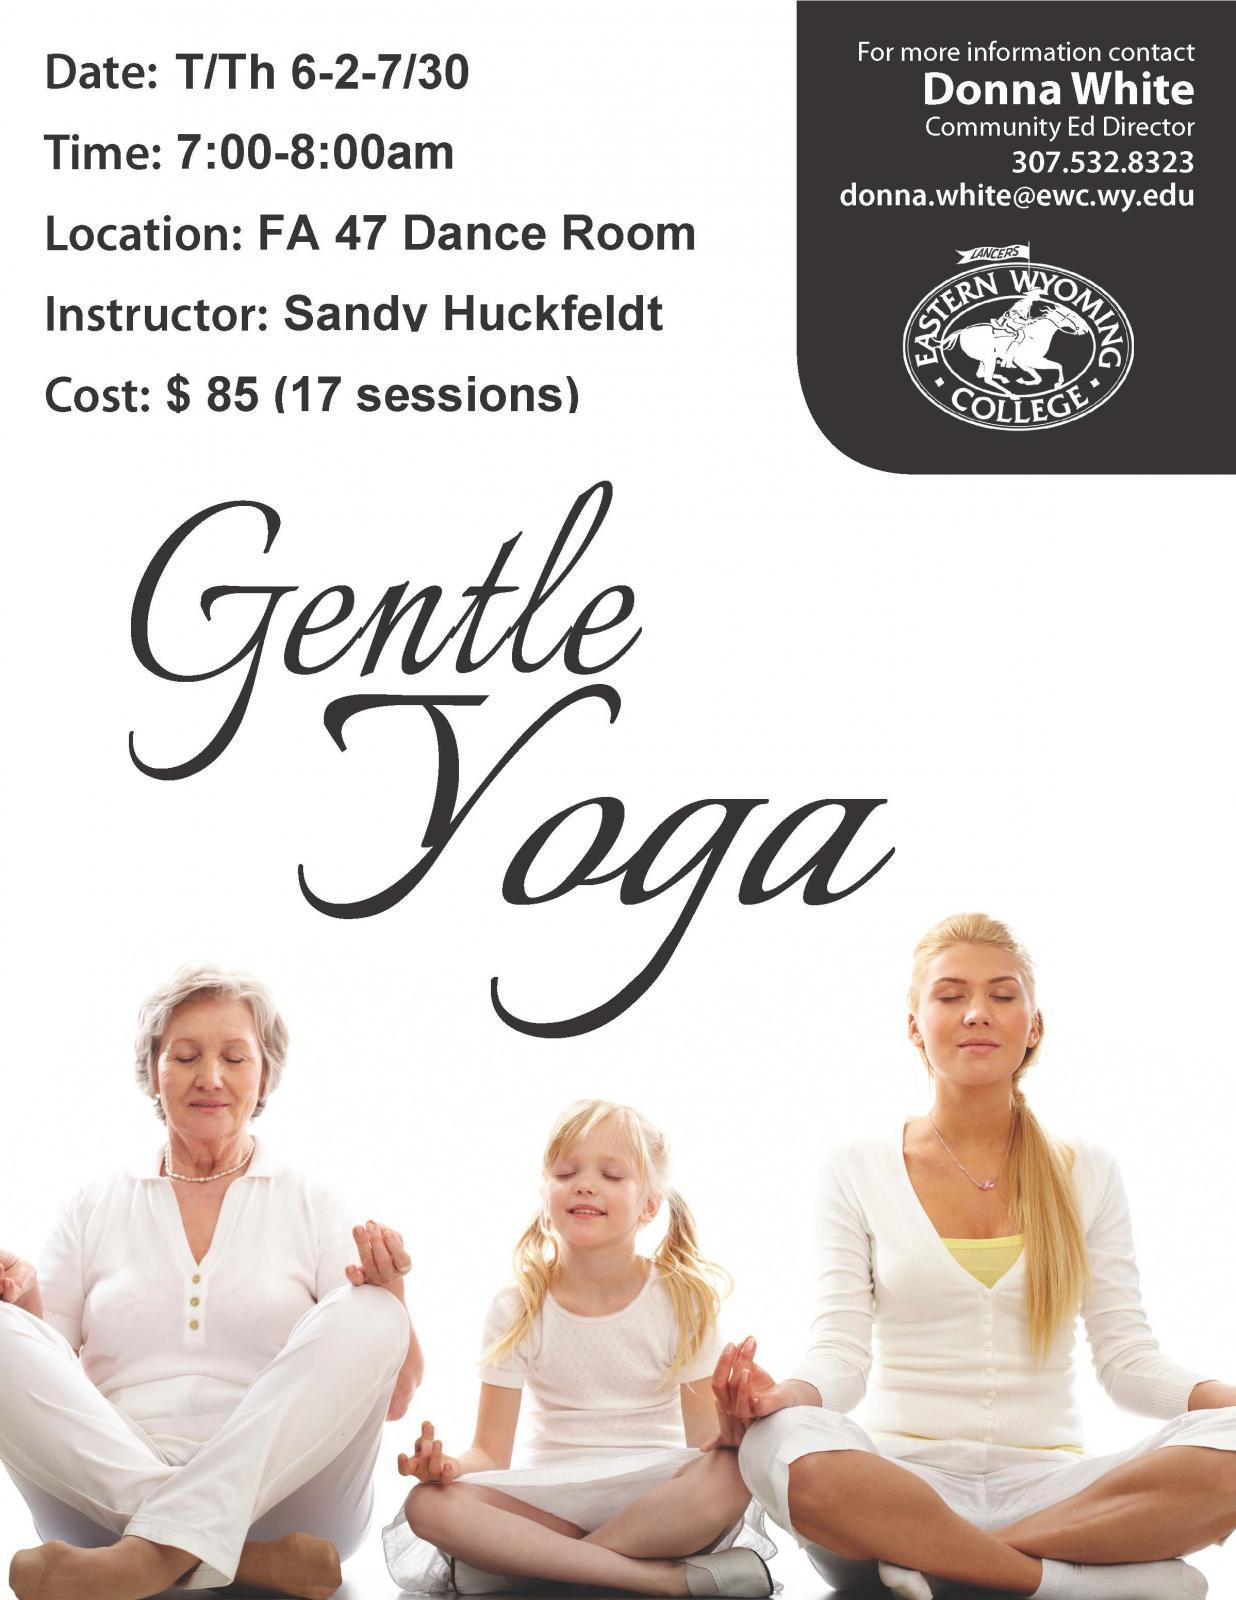 Gentle Yoga Photo